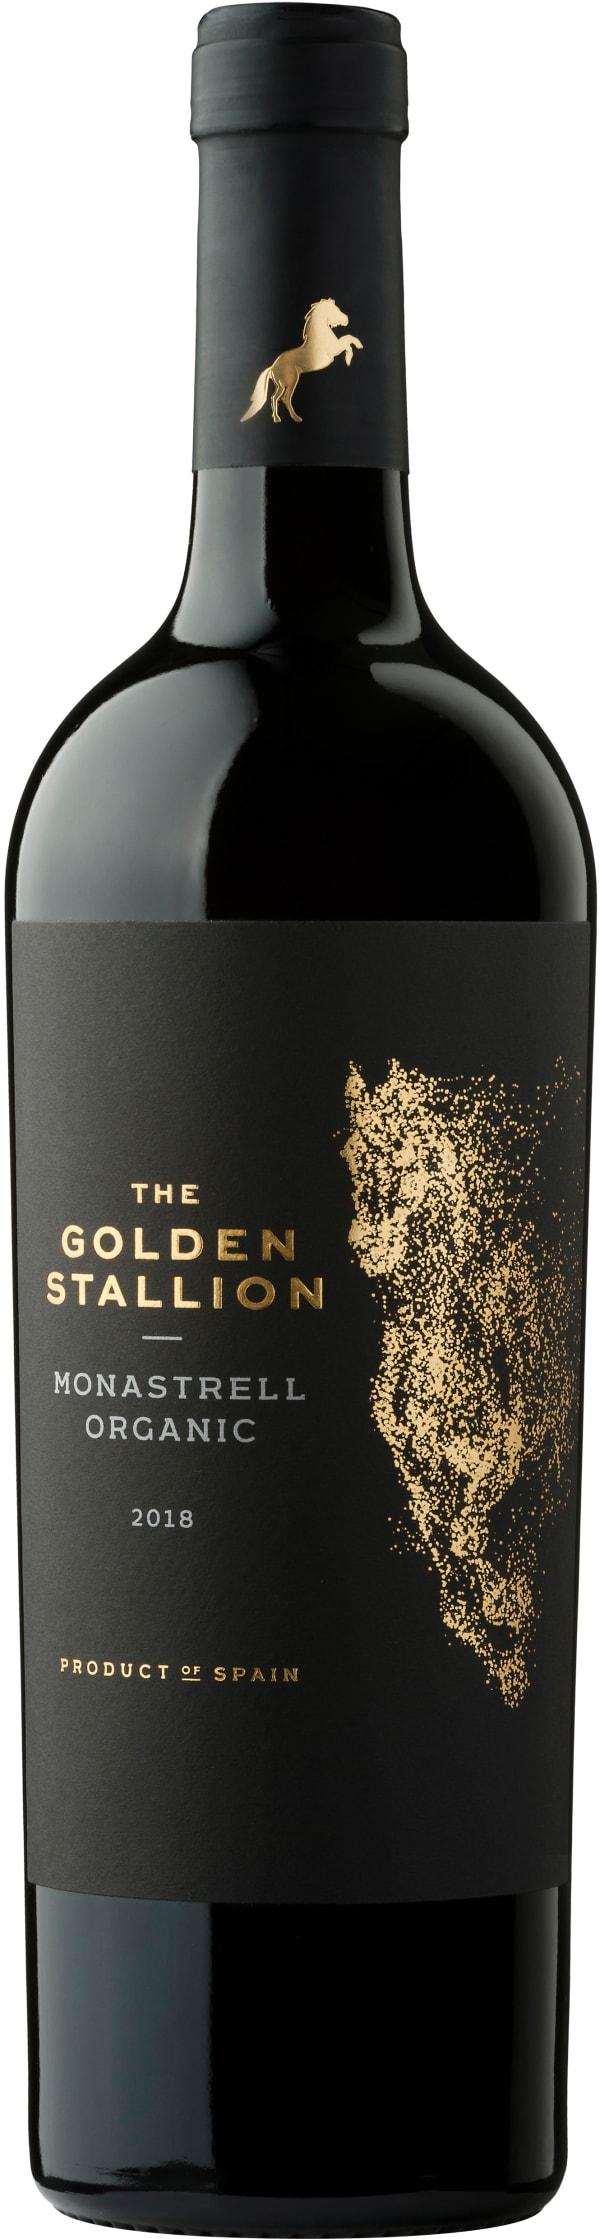 The Golden Stallion Organic Monastrell 2019